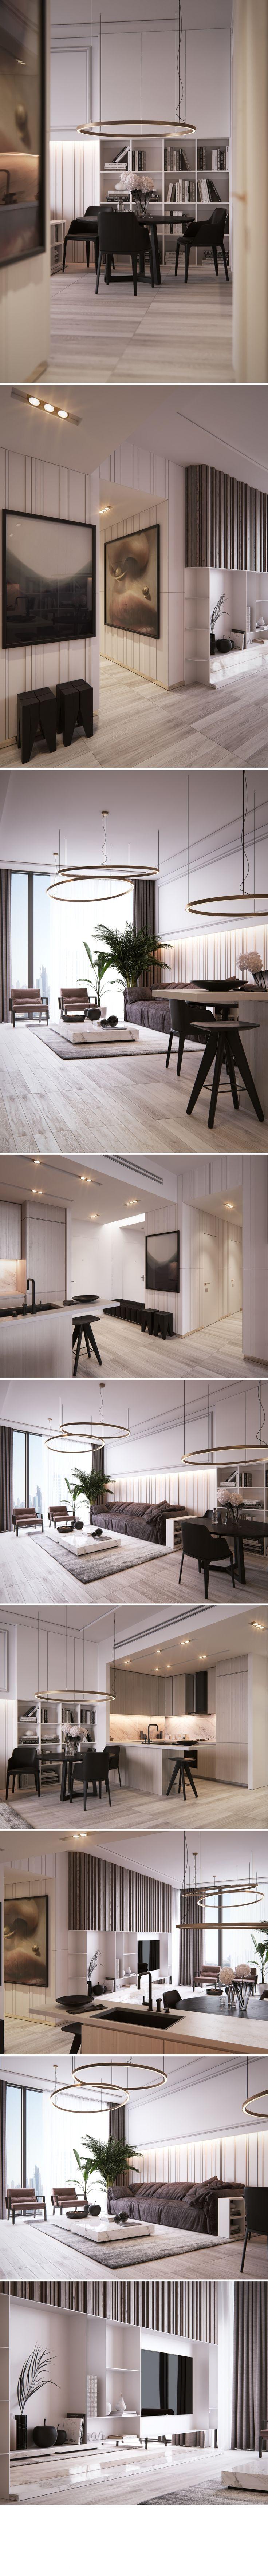 «Apartments in Dubai» - Галерея 3ddd.ru